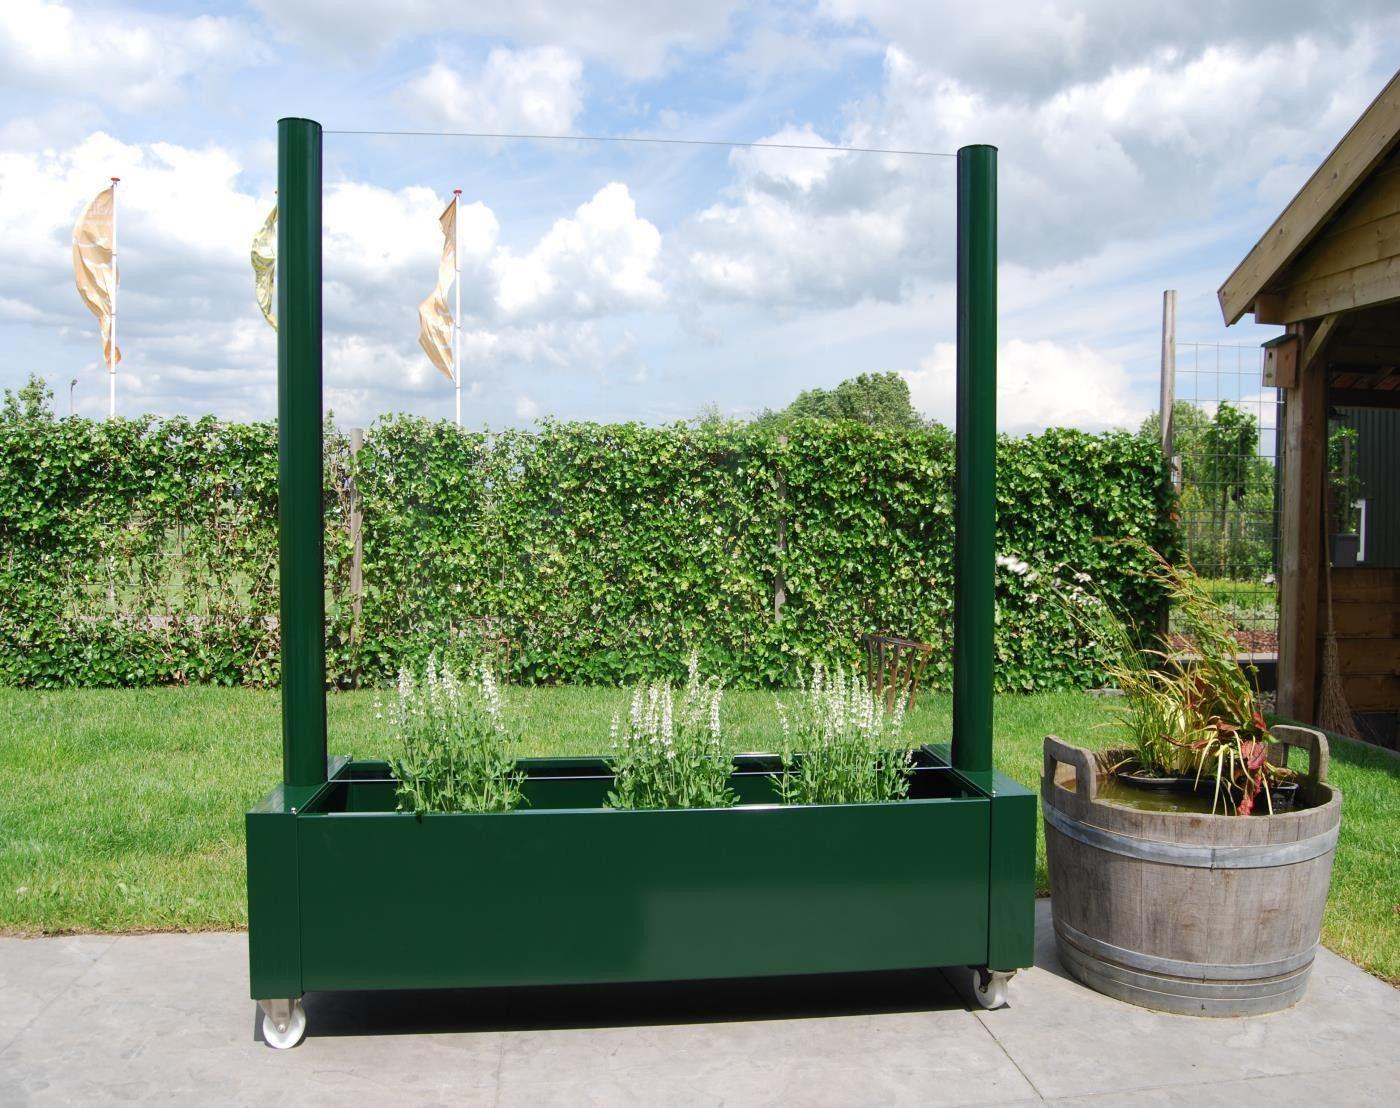 Plexiglas Windscherm Tuin : Mobiel windscherm flower line tuinidee versiering